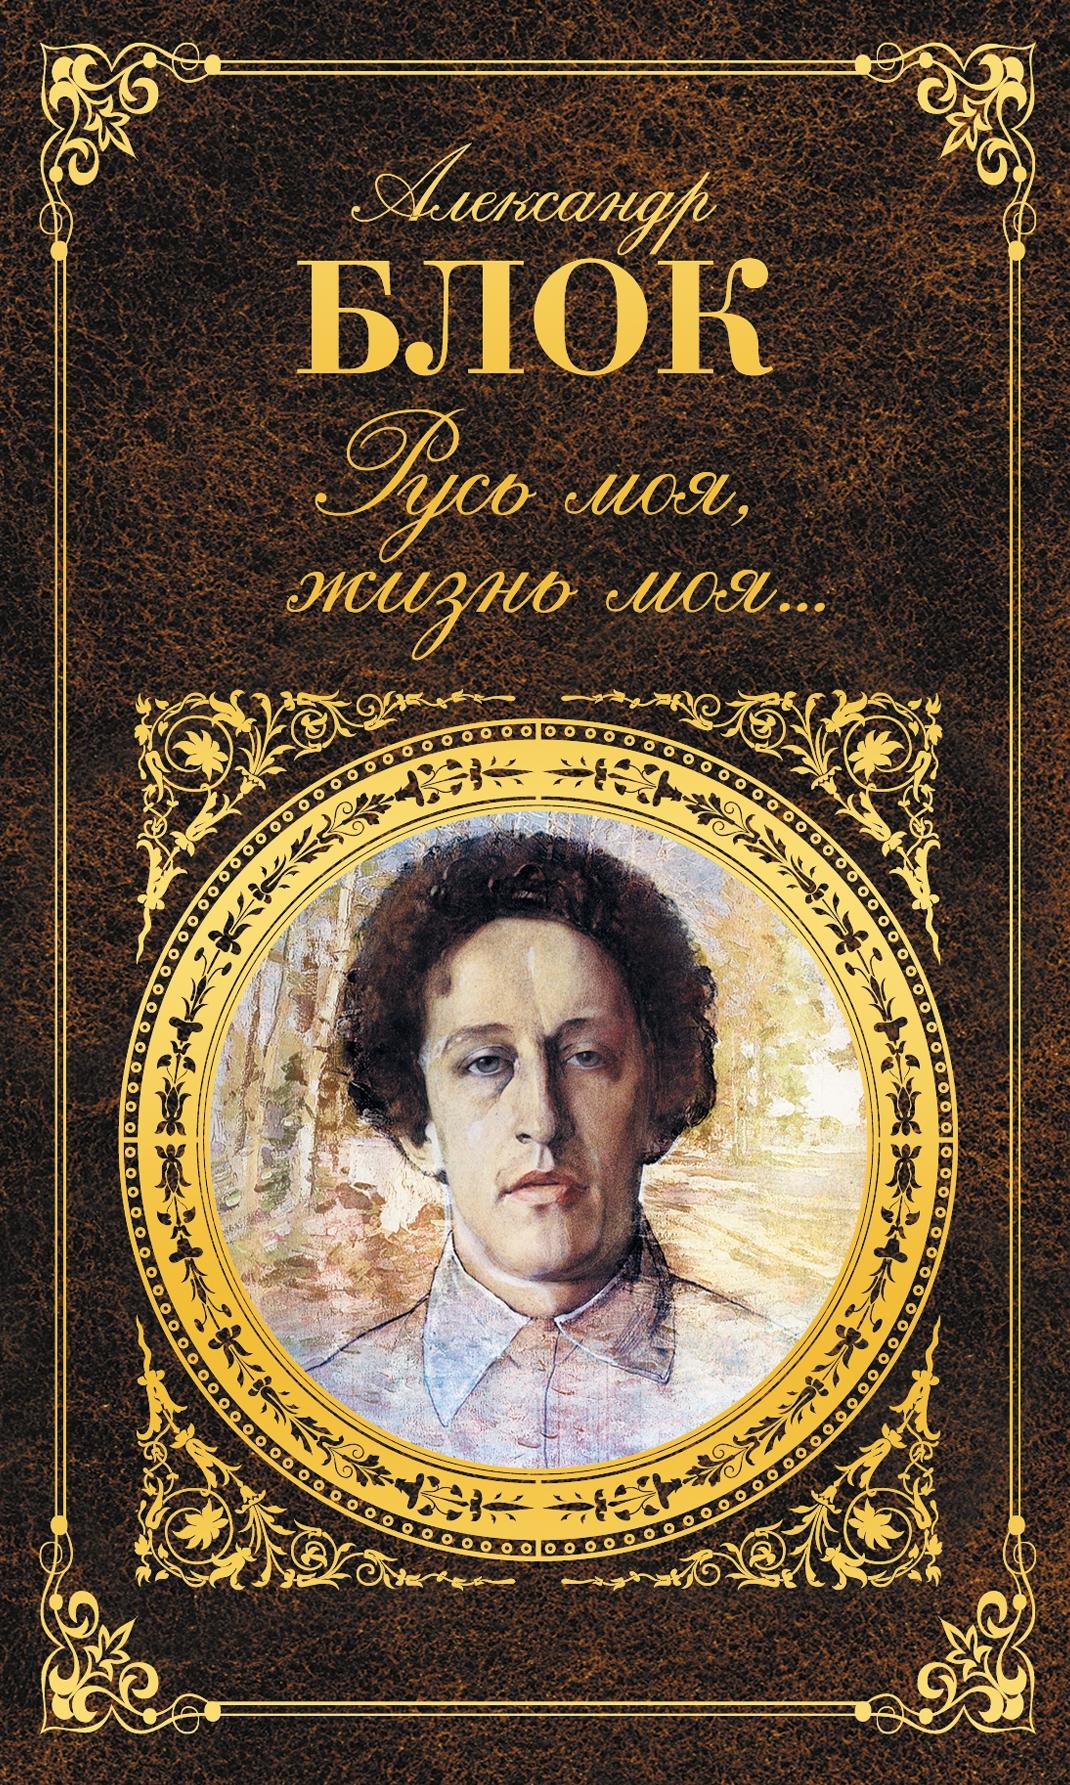 Александр Блок Русь моя, жизнь моя… александр матанцев величава русь моя исторические поэмы